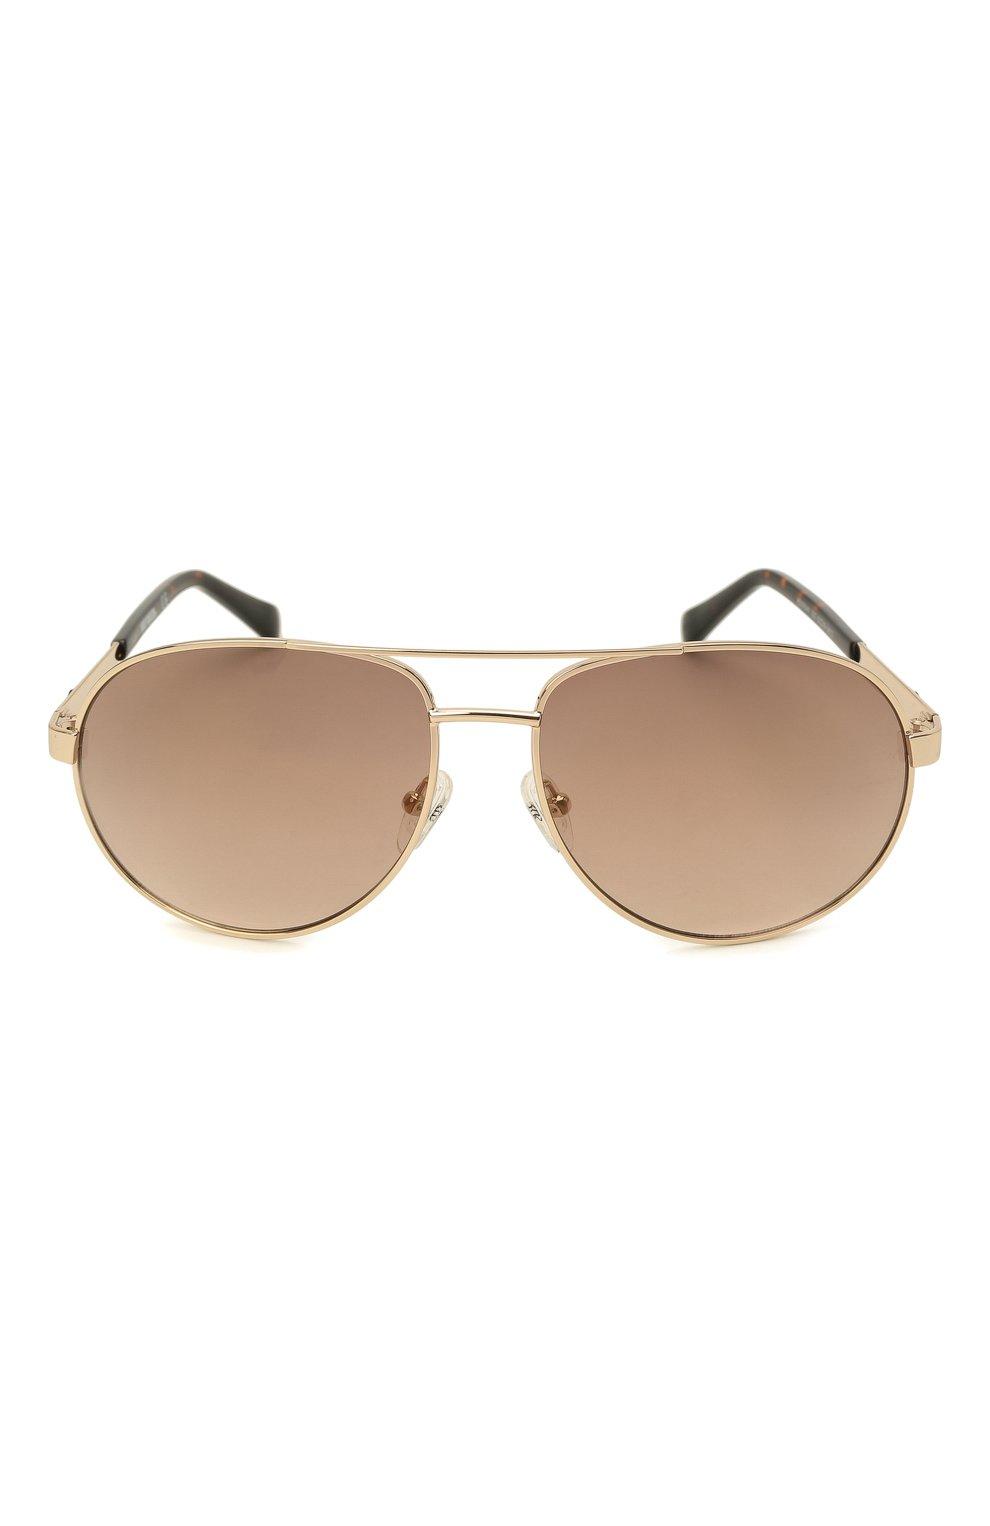 Мужские солнцезащитные очки HARLEY-DAVIDSON коричневого цвета, арт. HD 0954X 32G   Фото 3 (Тип очков: С/з; Очки форма: Авиаторы; Оптика Гендер: оптика-мужское)